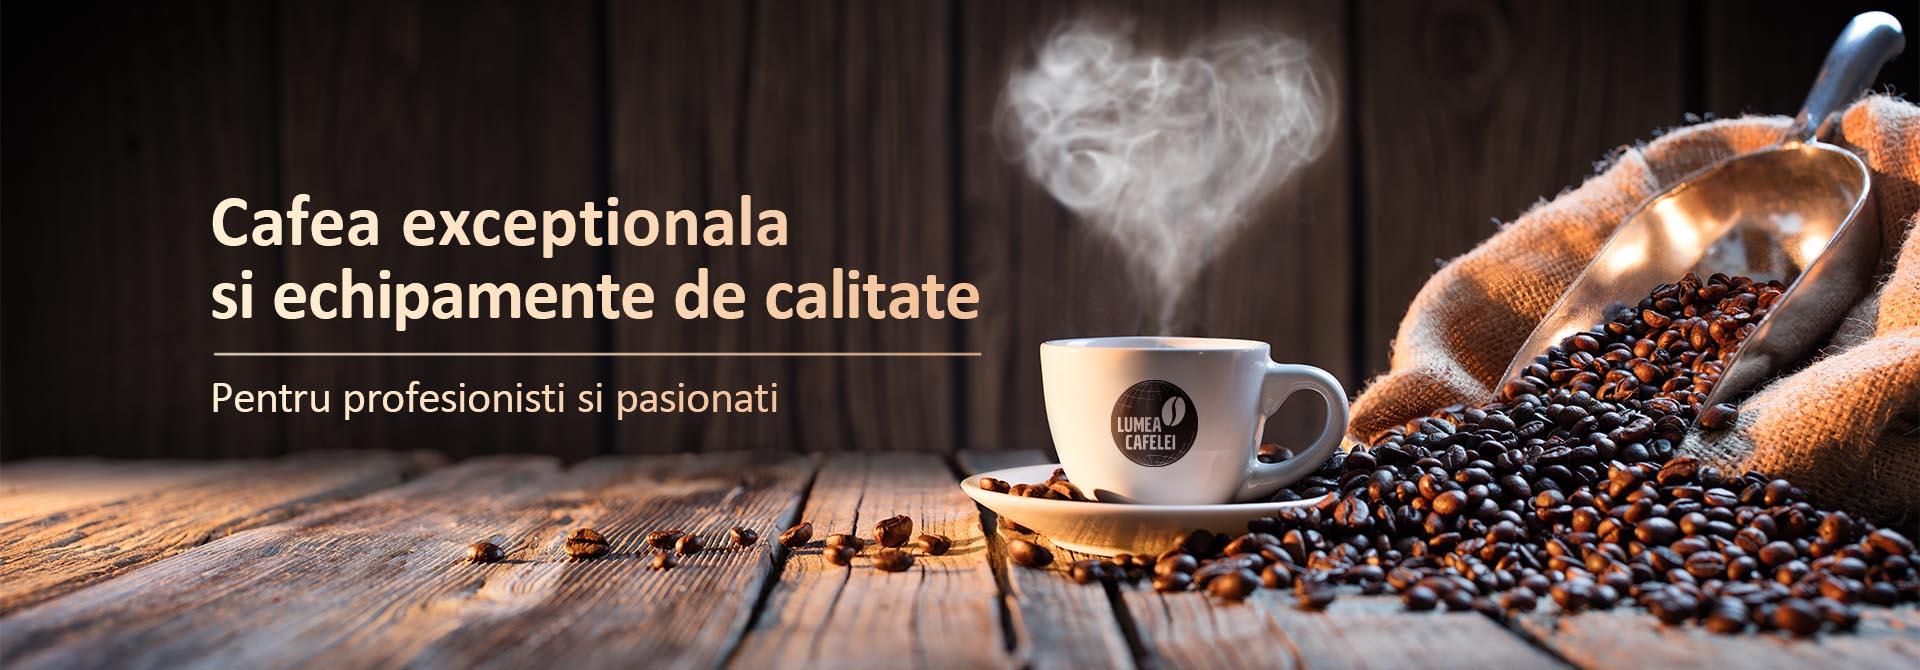 Lumea Cafelei • Cafea exceptionala si echipamente de cafea pentru casa, birou, Horeca sau vending.